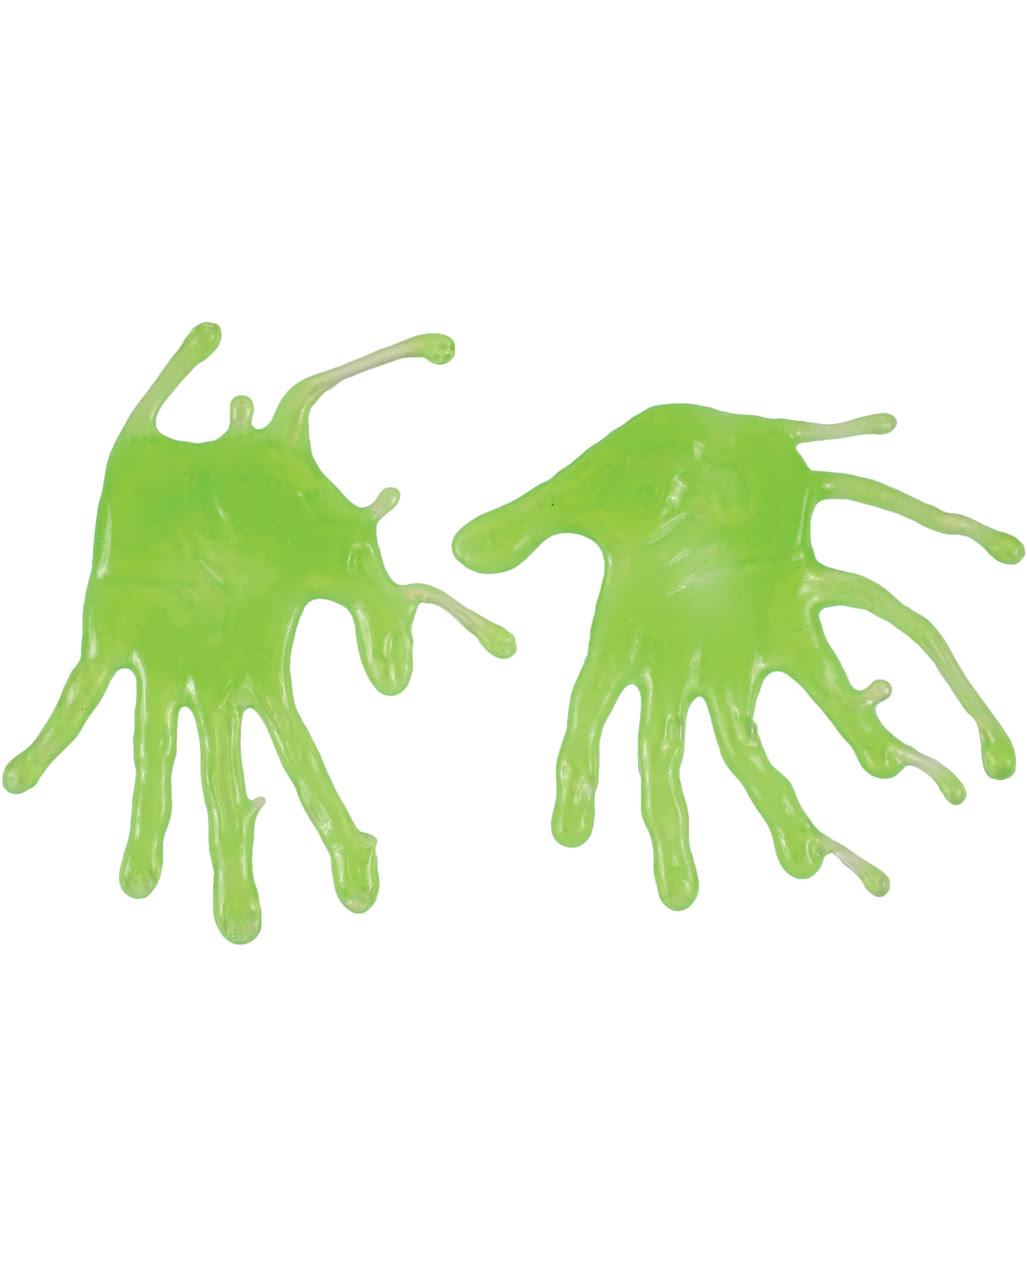 Zombie Schleim Fingerabdrücke für Halloween | Horror-Shop.com